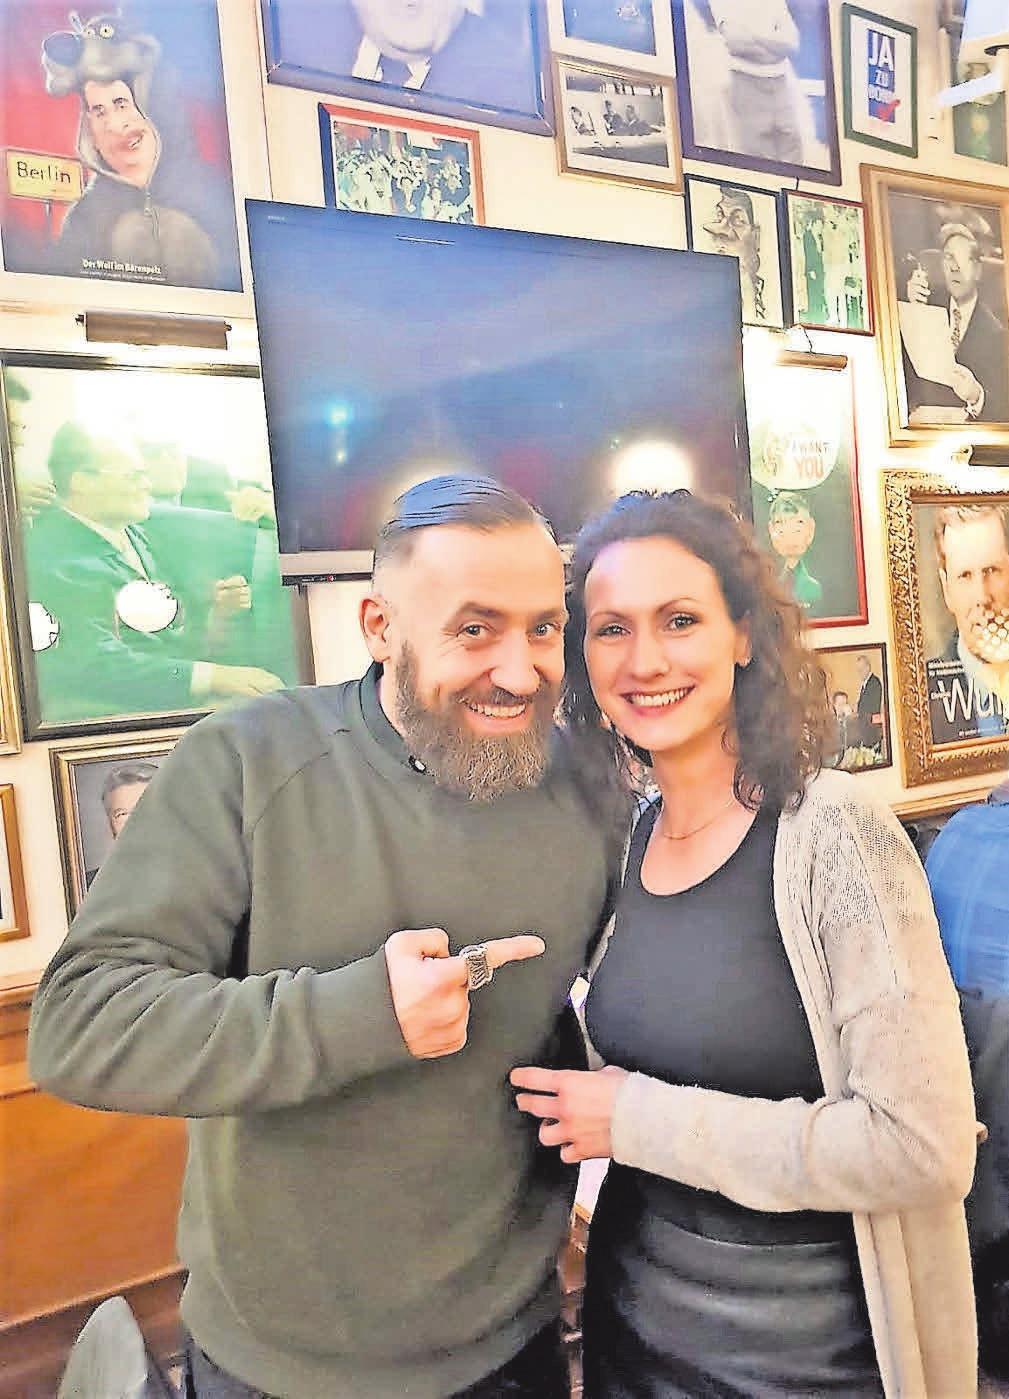 Hauptdarsteller Bürger Lars Dietrich freut sich mit Christina Heine, Mitarbeiterin der Komödie im Theater am Aegi, über den gelungenen Abend.